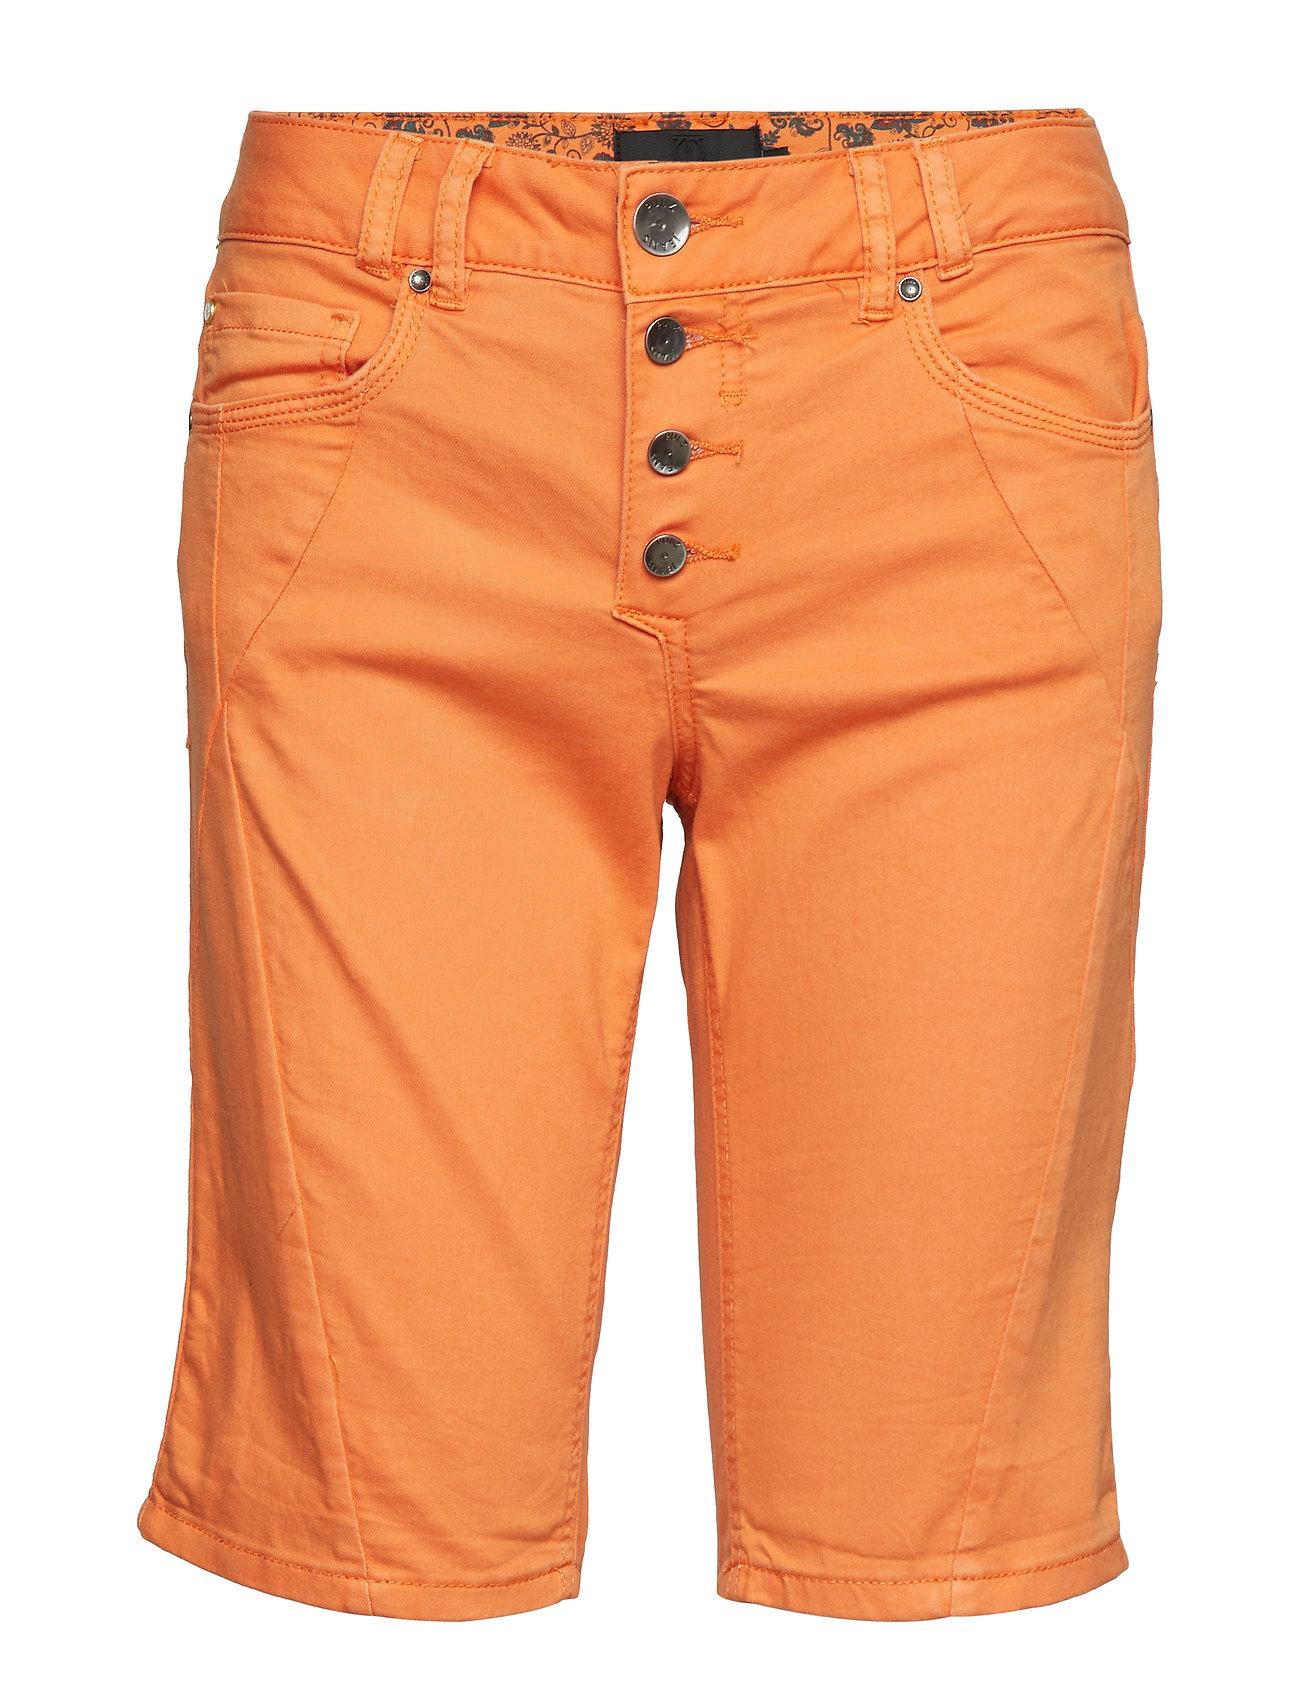 Rosita Shortsautumn Rosita Jeans SunsetPulz Shortsautumn Jeans SunsetPulz Shortsautumn Rosita SunsetPulz Jeans Rosita eHY29IWED